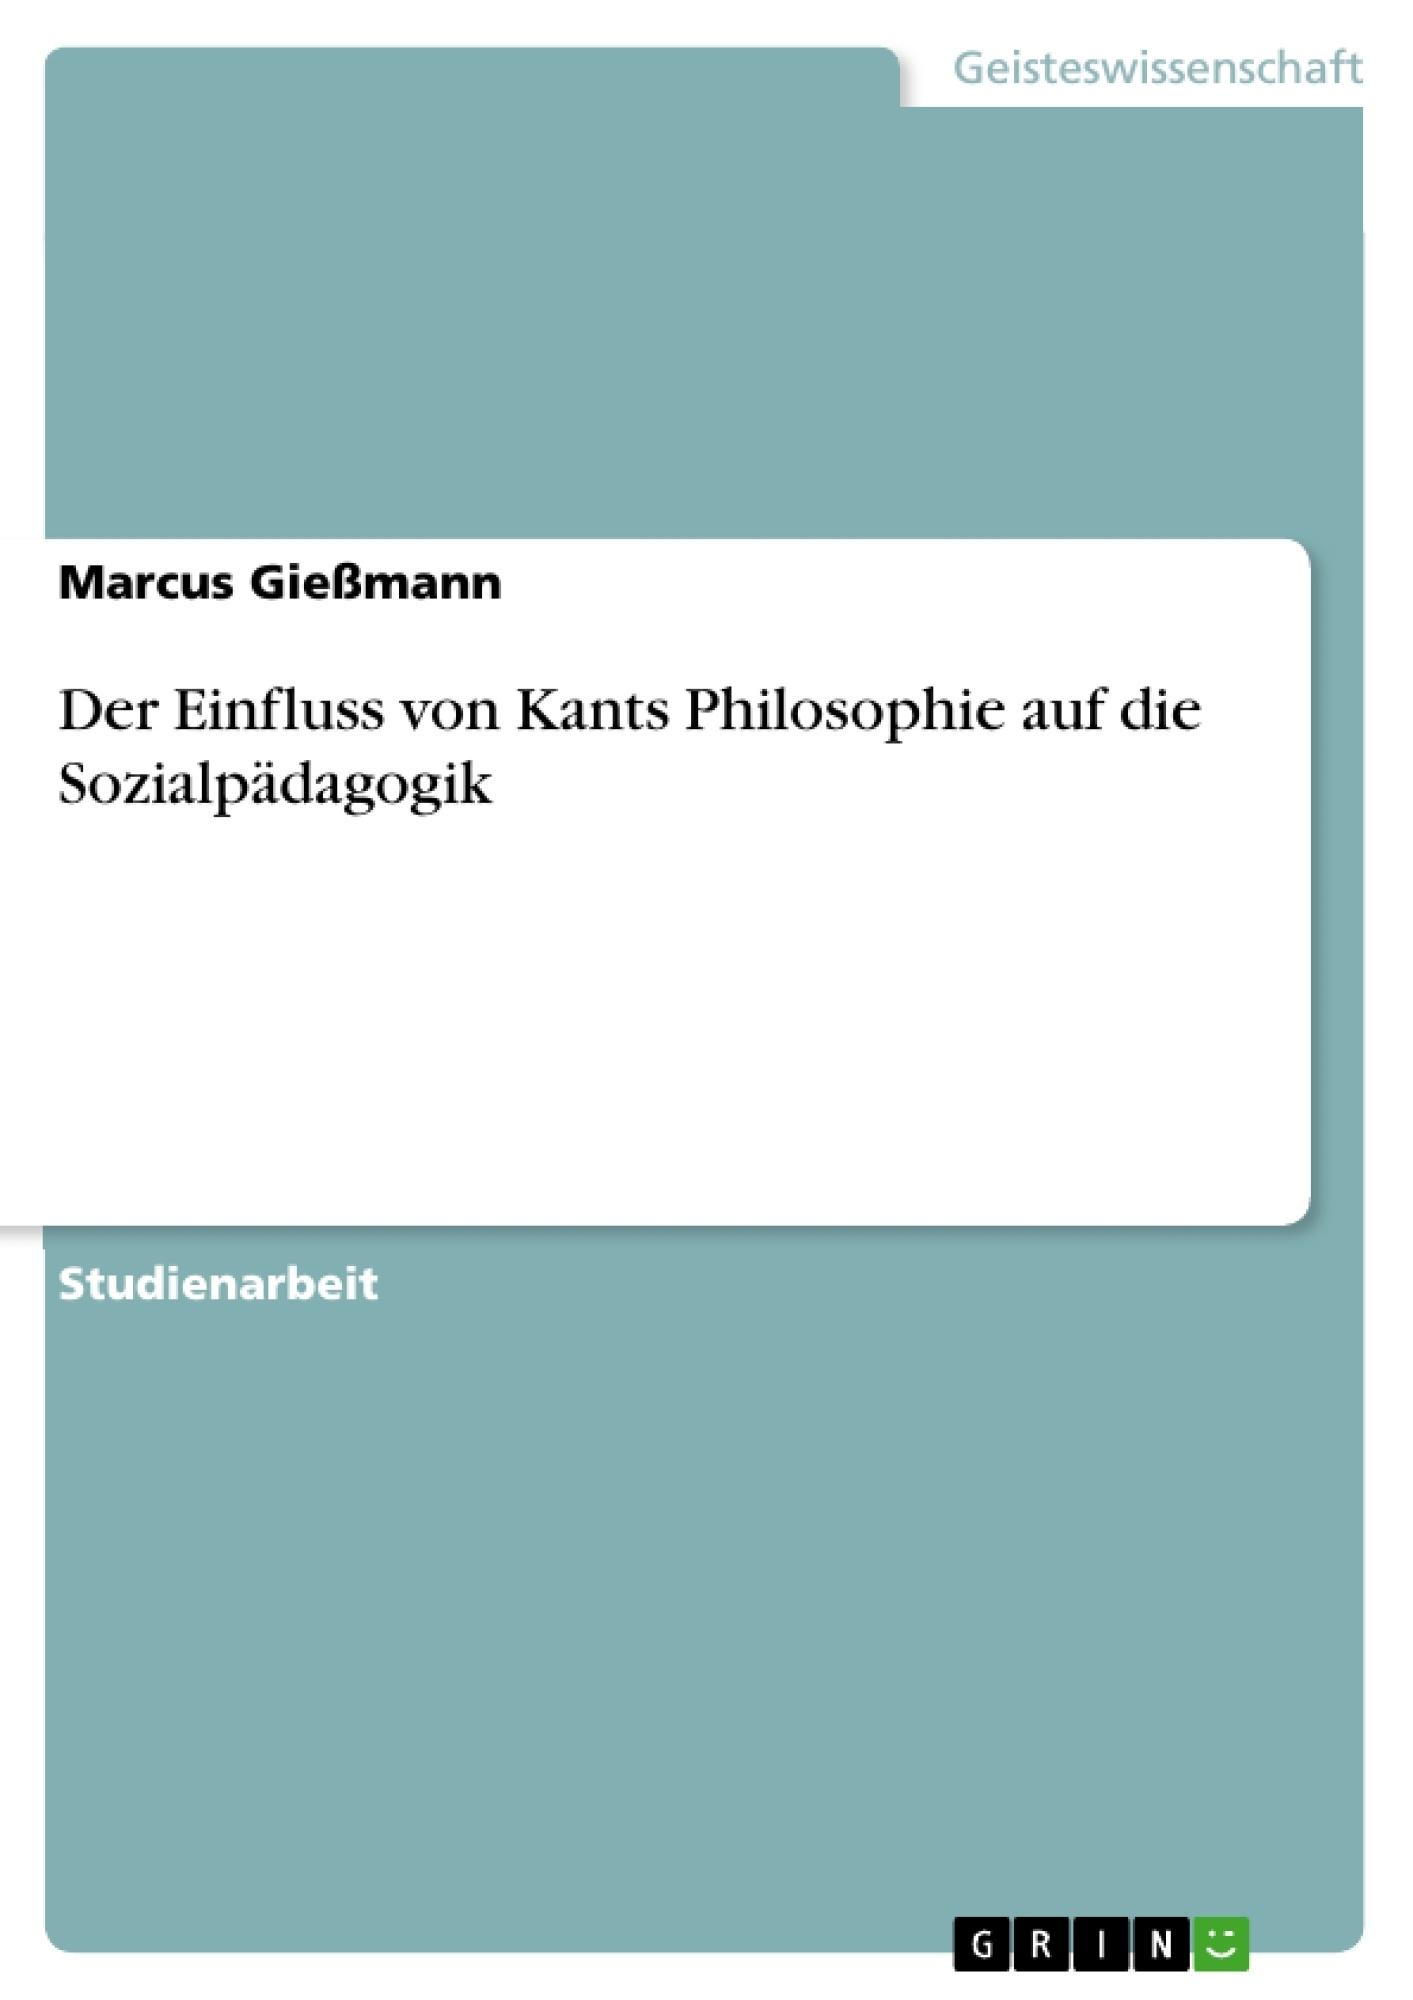 Titel: Der Einfluss von Kants Philosophie auf die Sozialpädagogik